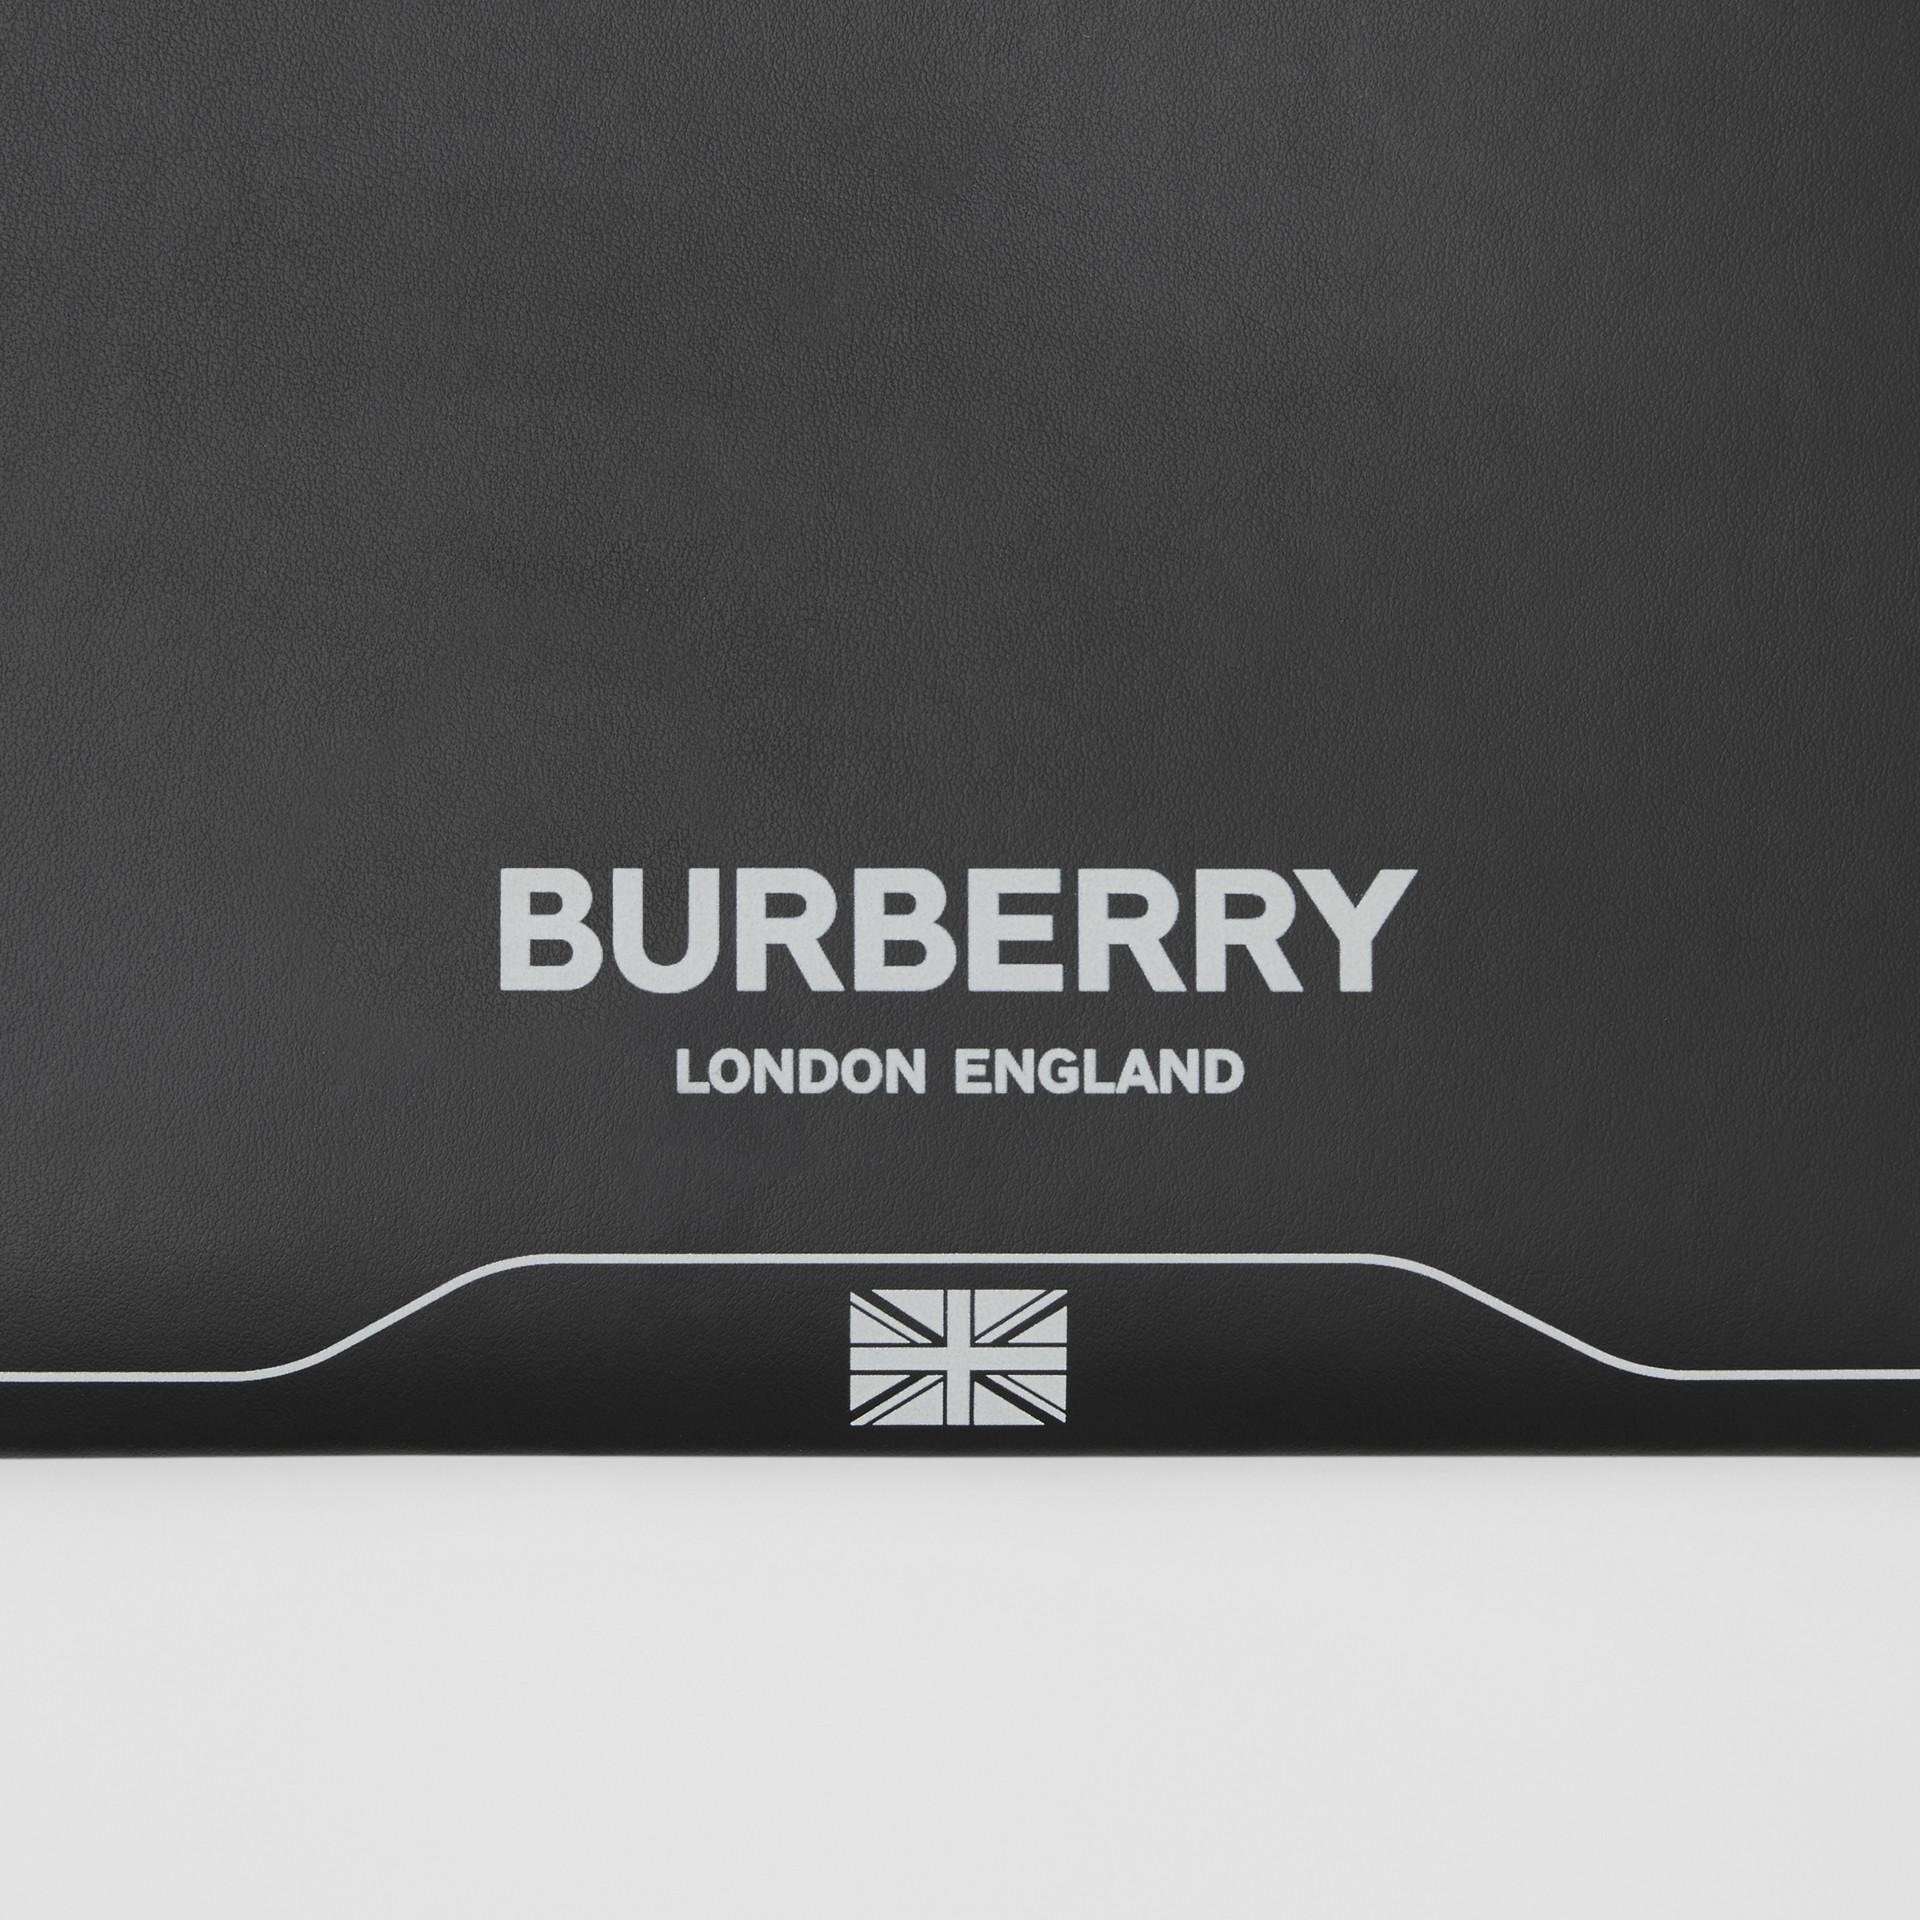 シンボルプリント レザー ジップポーチ (ブラック) | バーバリー - ギャラリーイメージ 1